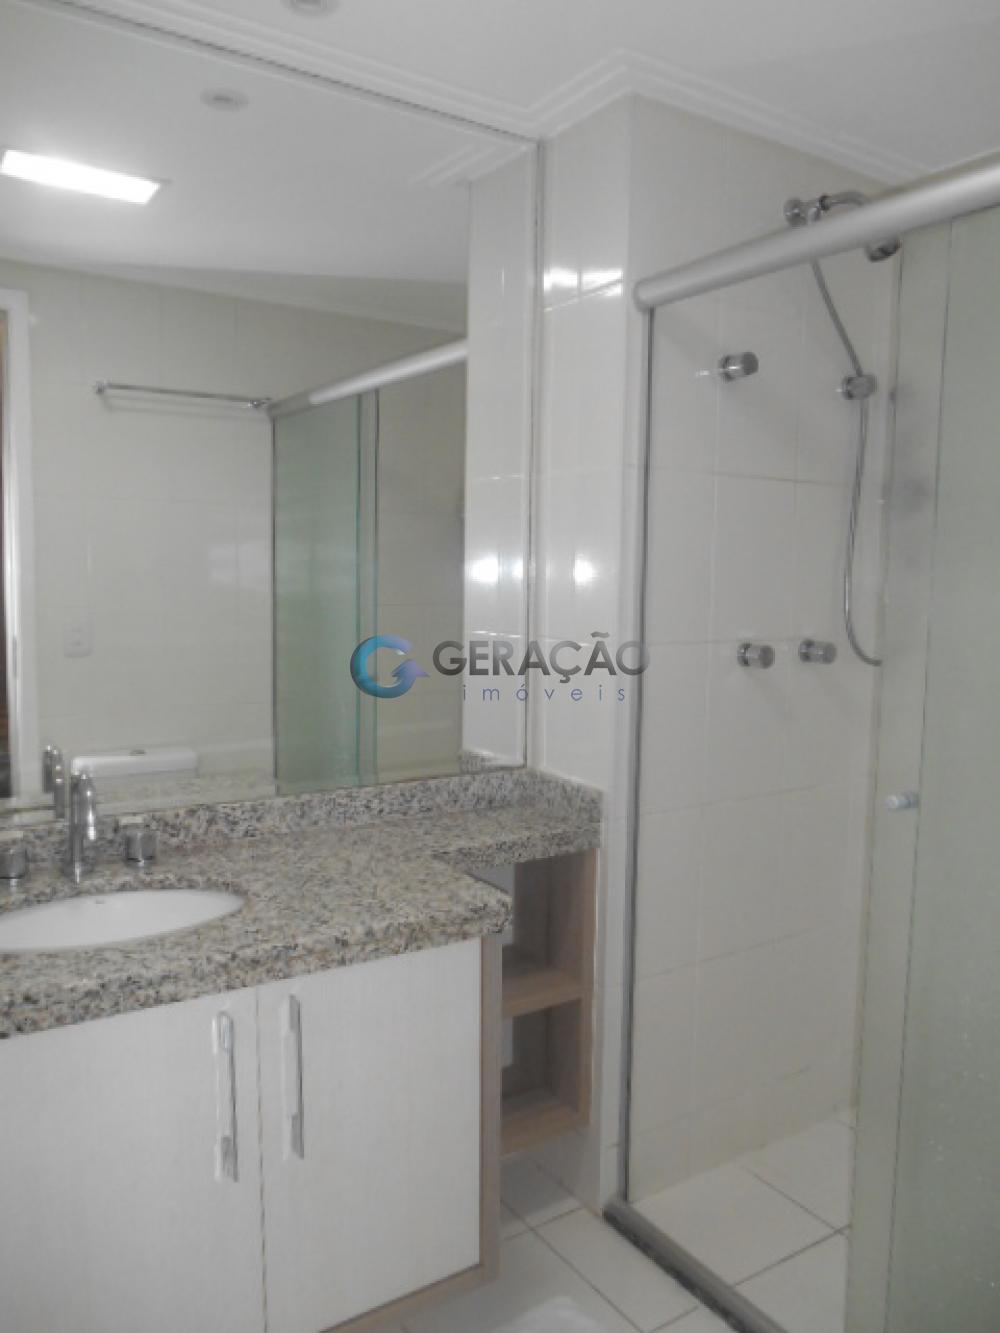 Comprar Apartamento / Padrão em São José dos Campos apenas R$ 790.000,00 - Foto 19